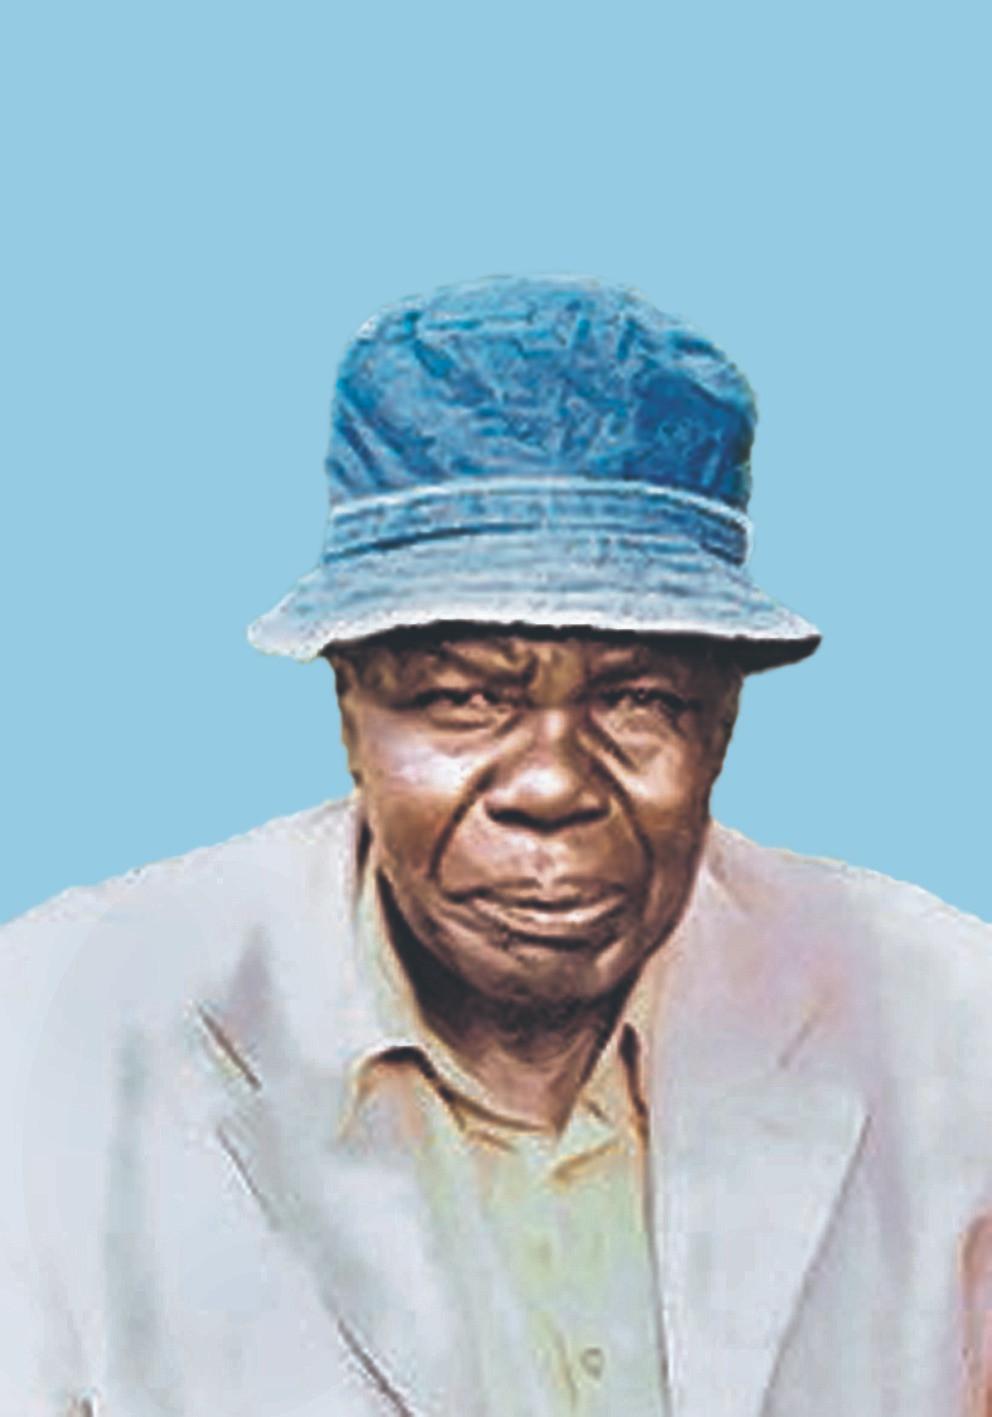 Isaac Ombiro Bonuke